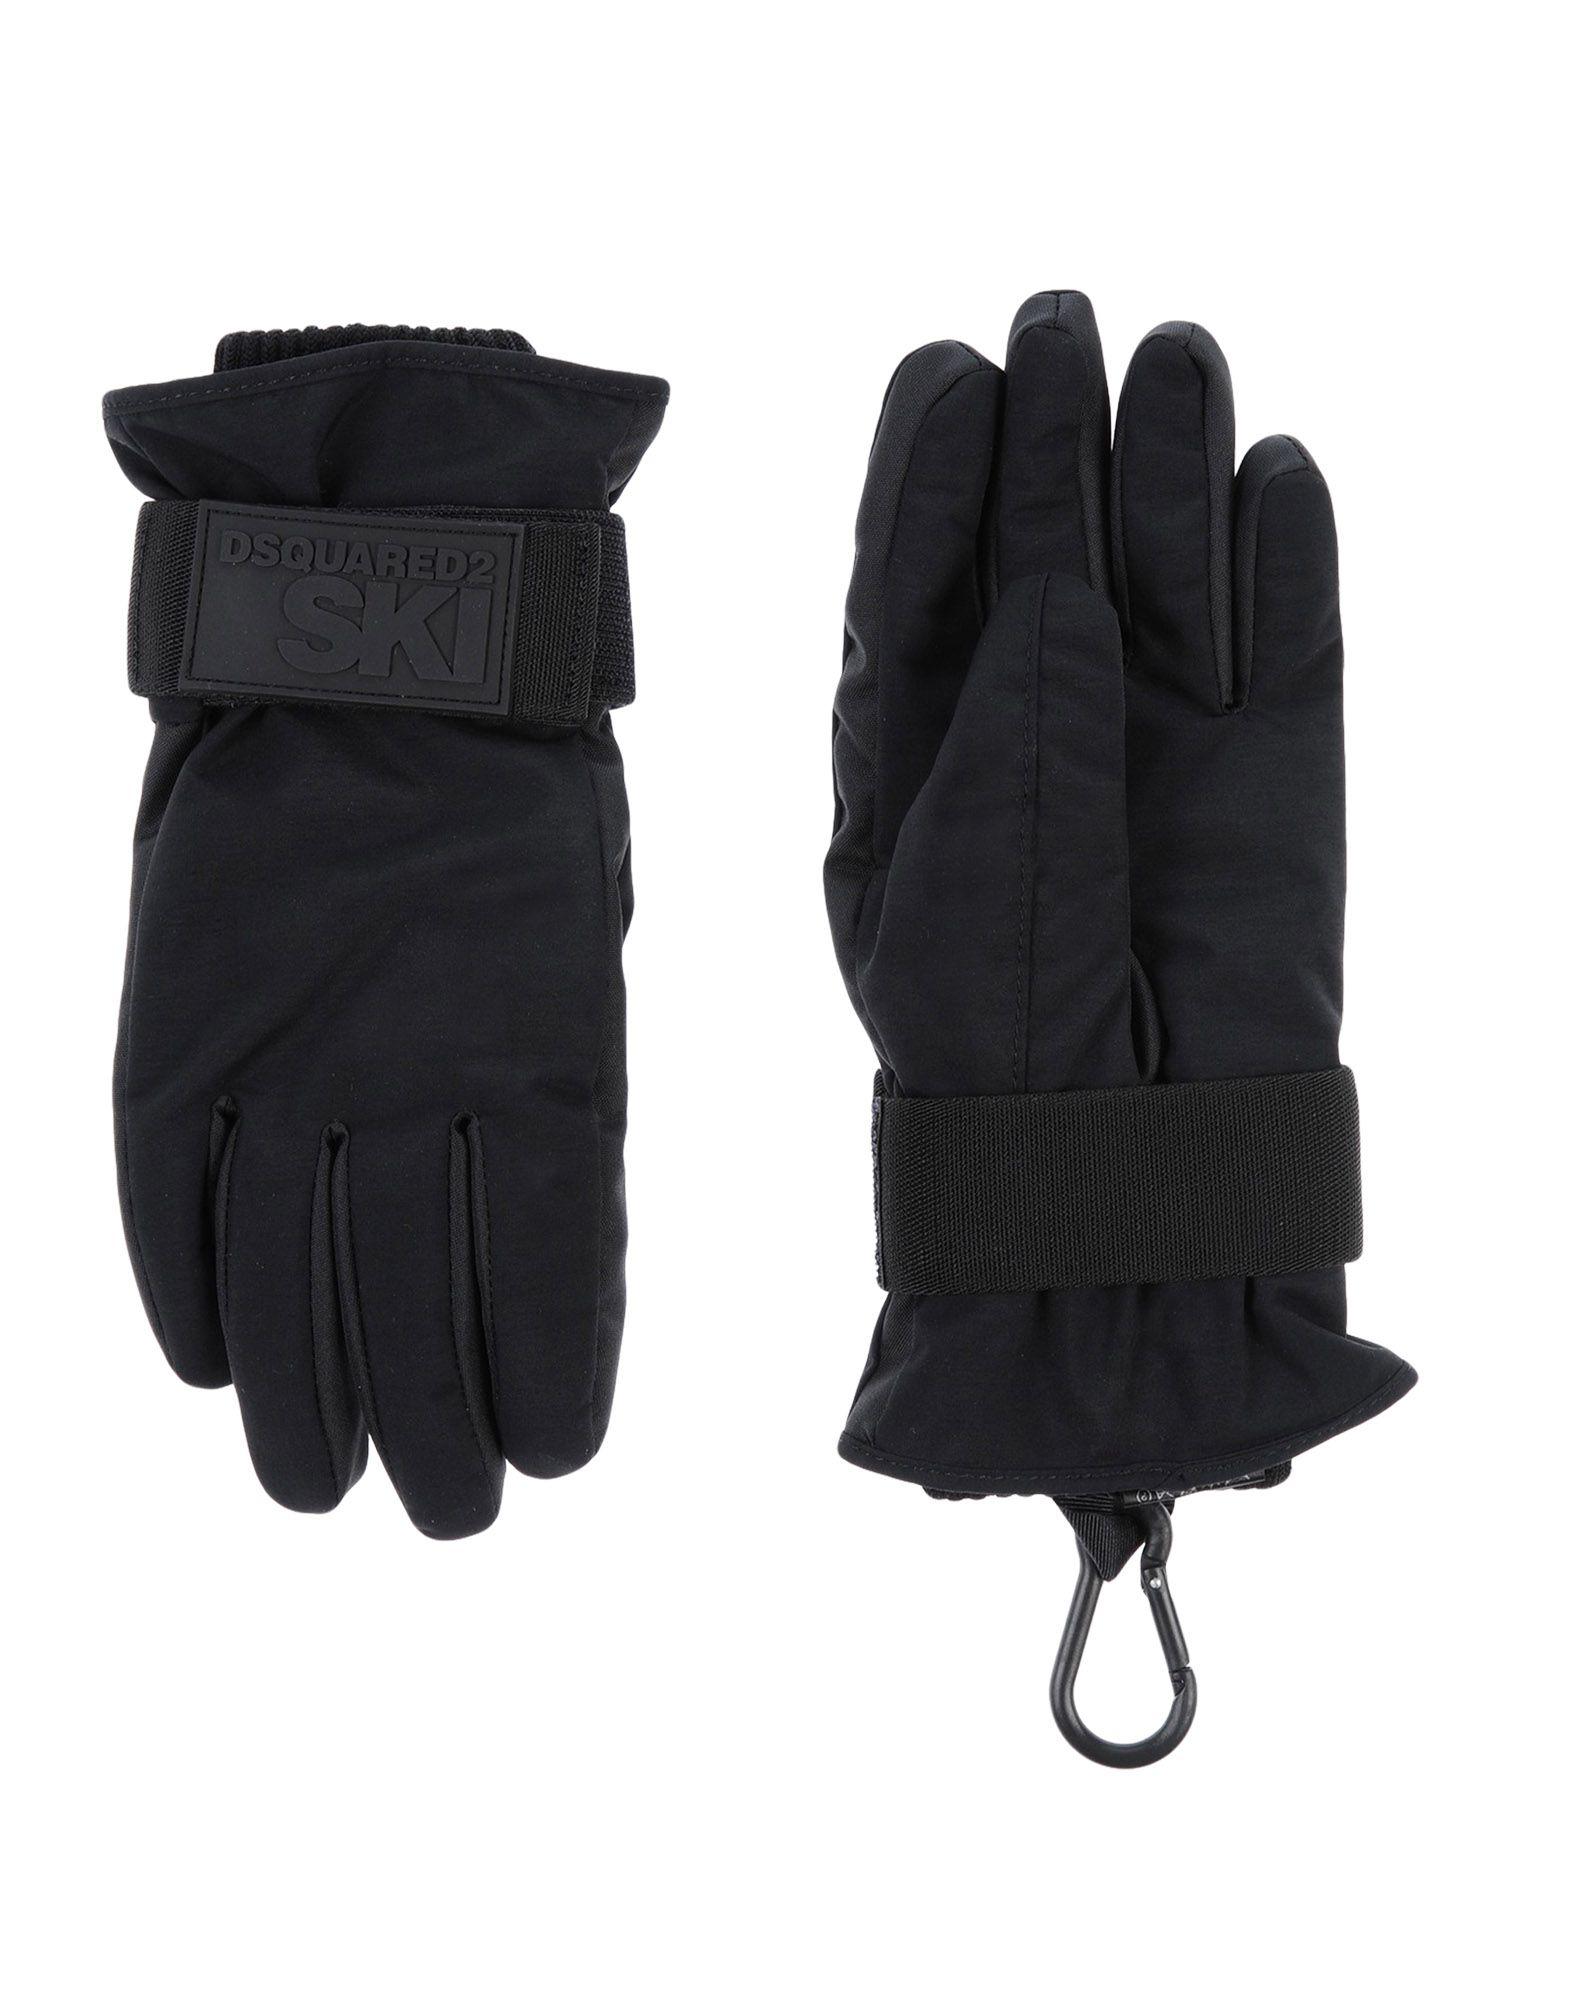 《2万円以上オーダーで送料無料》DSQUARED2 メンズ 手袋 ブラック S ナイロン 100% / ポリエステル